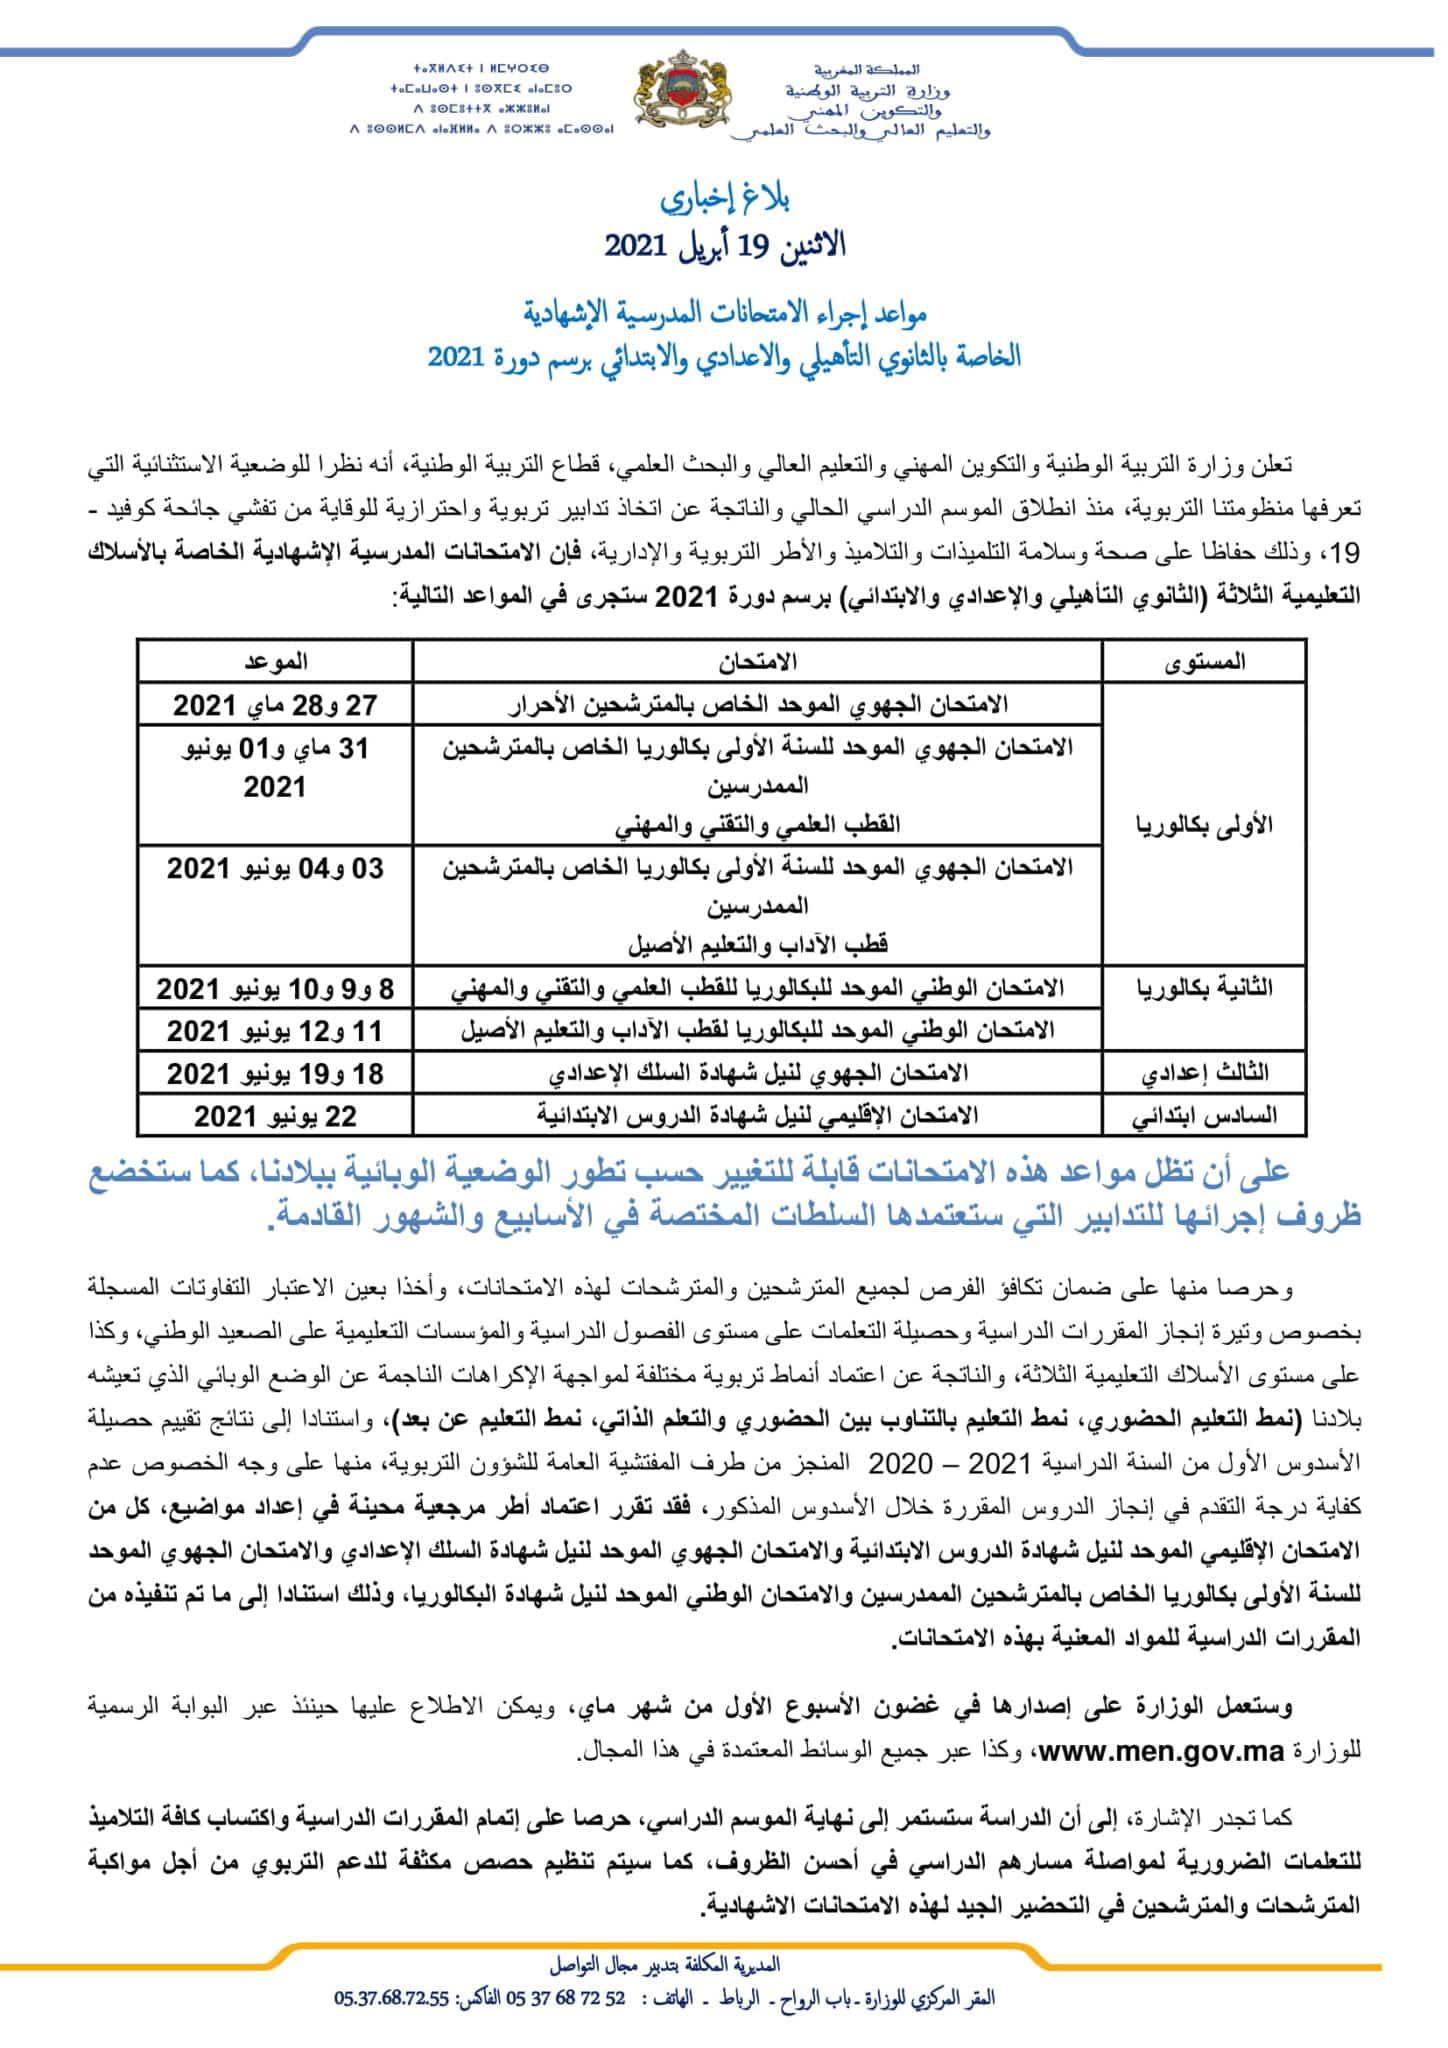 com19 1 scaled تاريخ اجتياز الامتحان الوطني والجهوي 2021